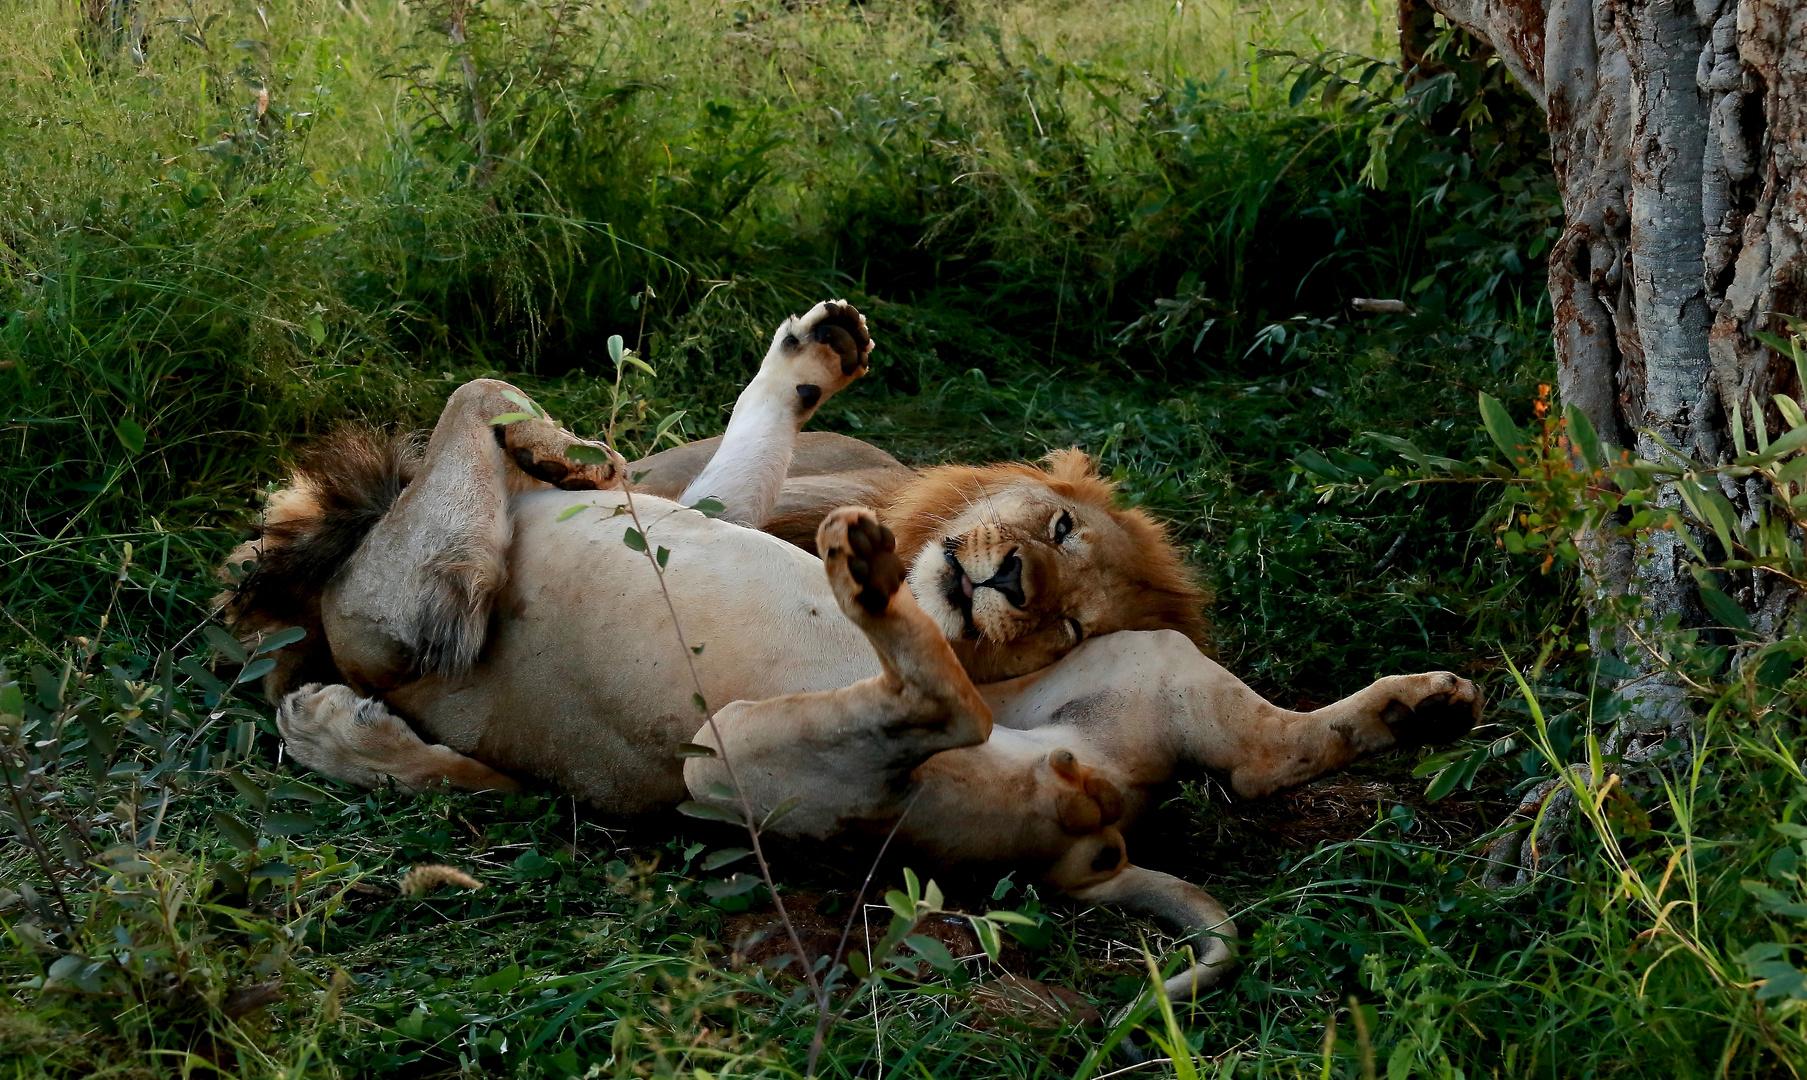 Zwei Löwenbrüder